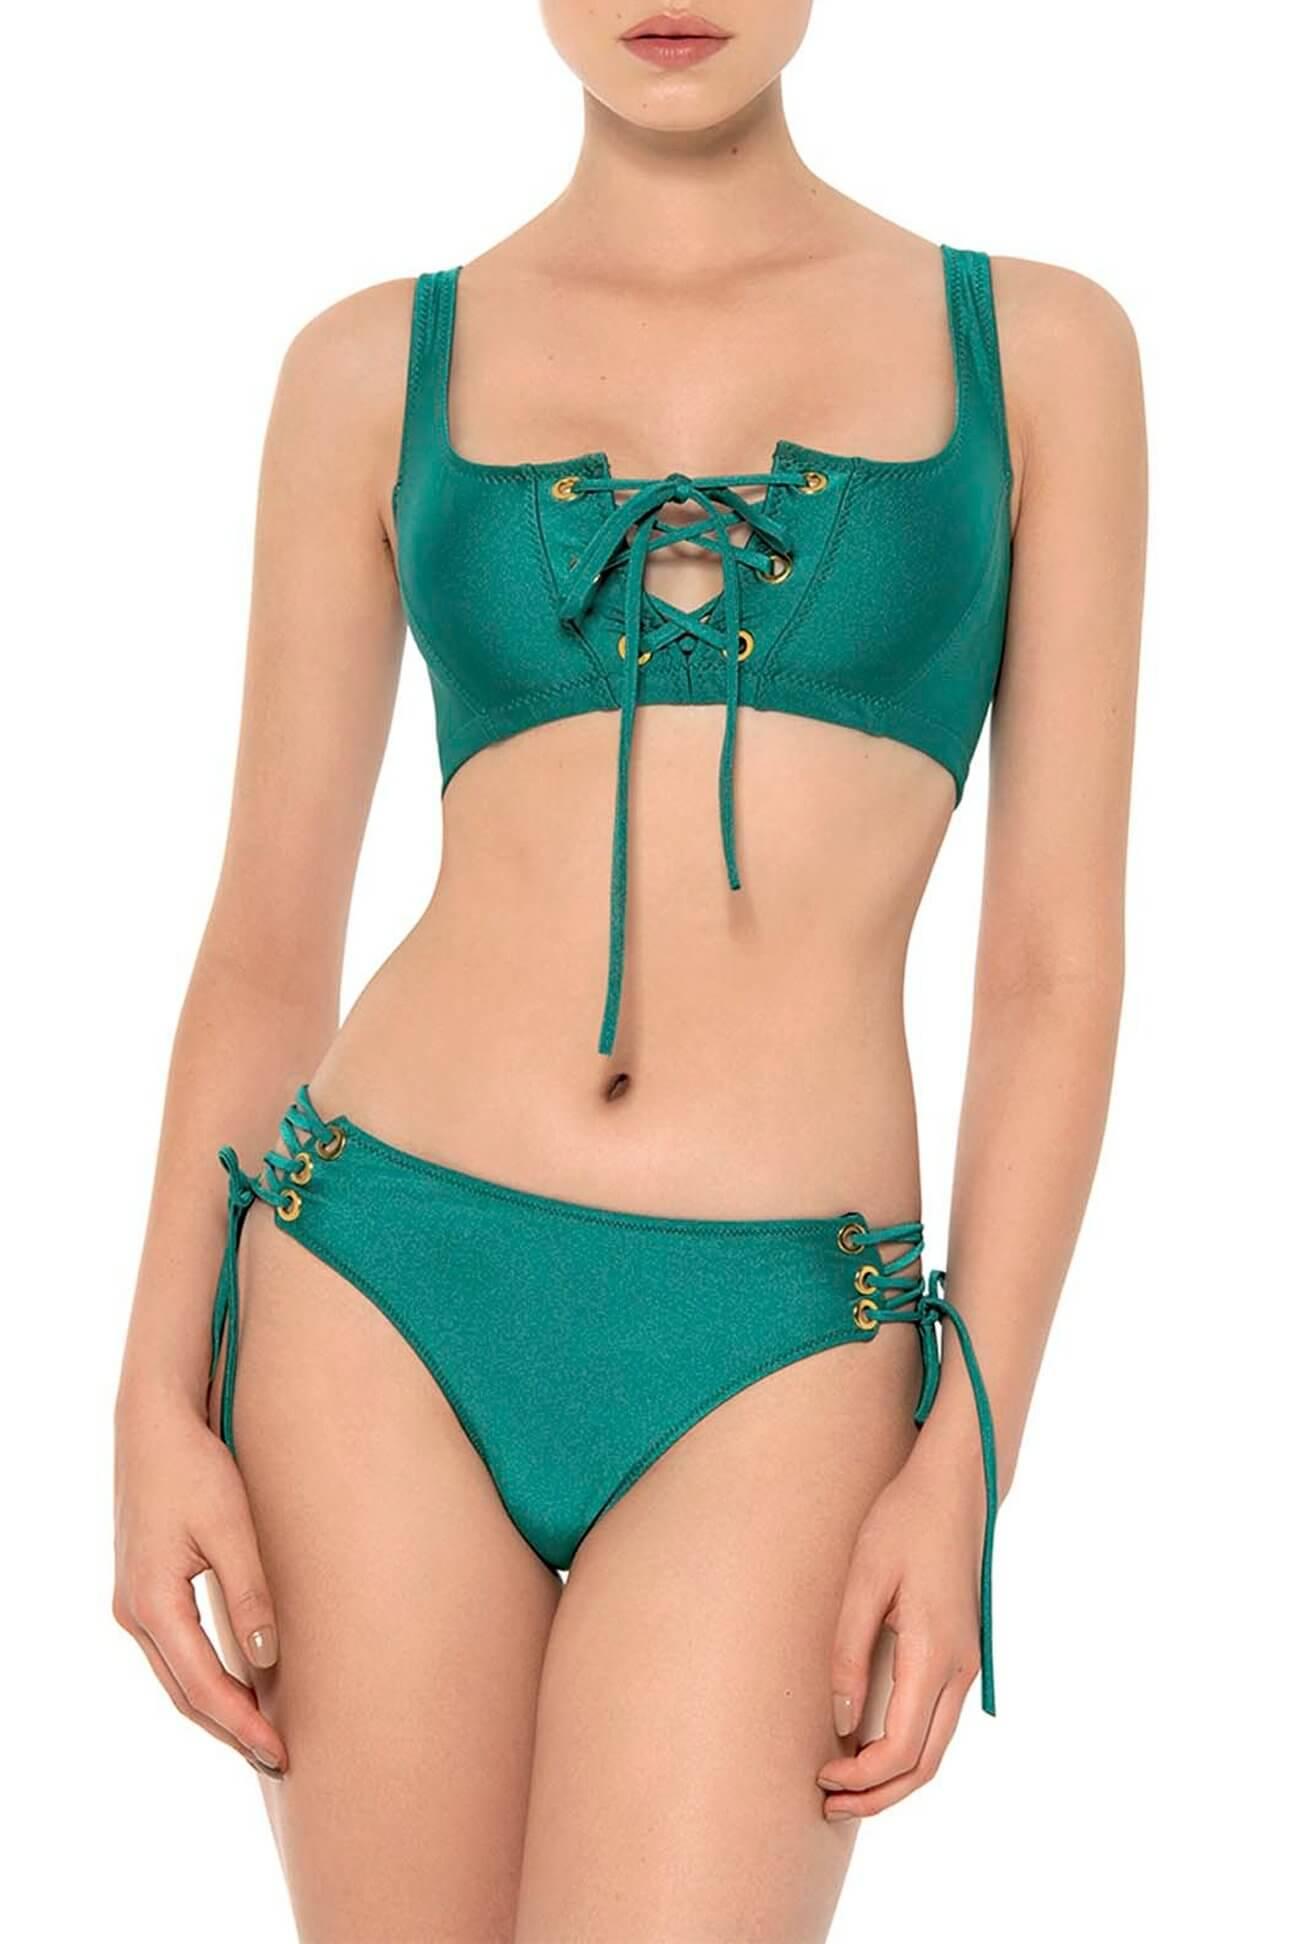 Smarald Low Rise Bikini